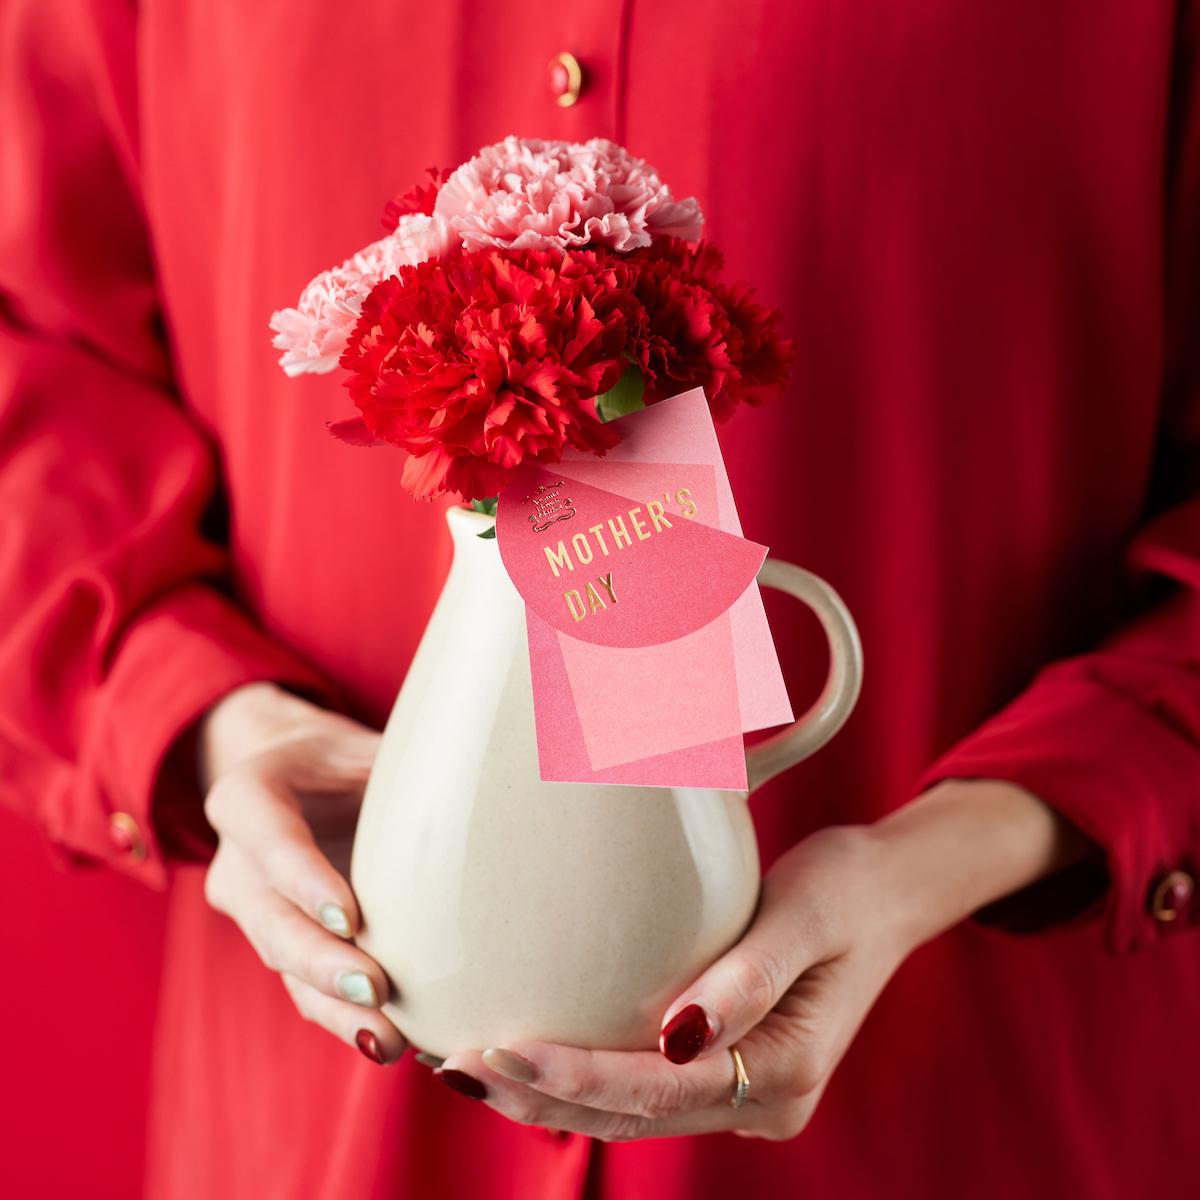 どんな花にも合うピッチャー型の花瓶とのセット。 ピッチャー&カーネーションセット ¥3,850 ※配送の場合、箱代、送料がかかります。 ※画像はイメージです。使用する花は仕入れにより異なる場合があります。